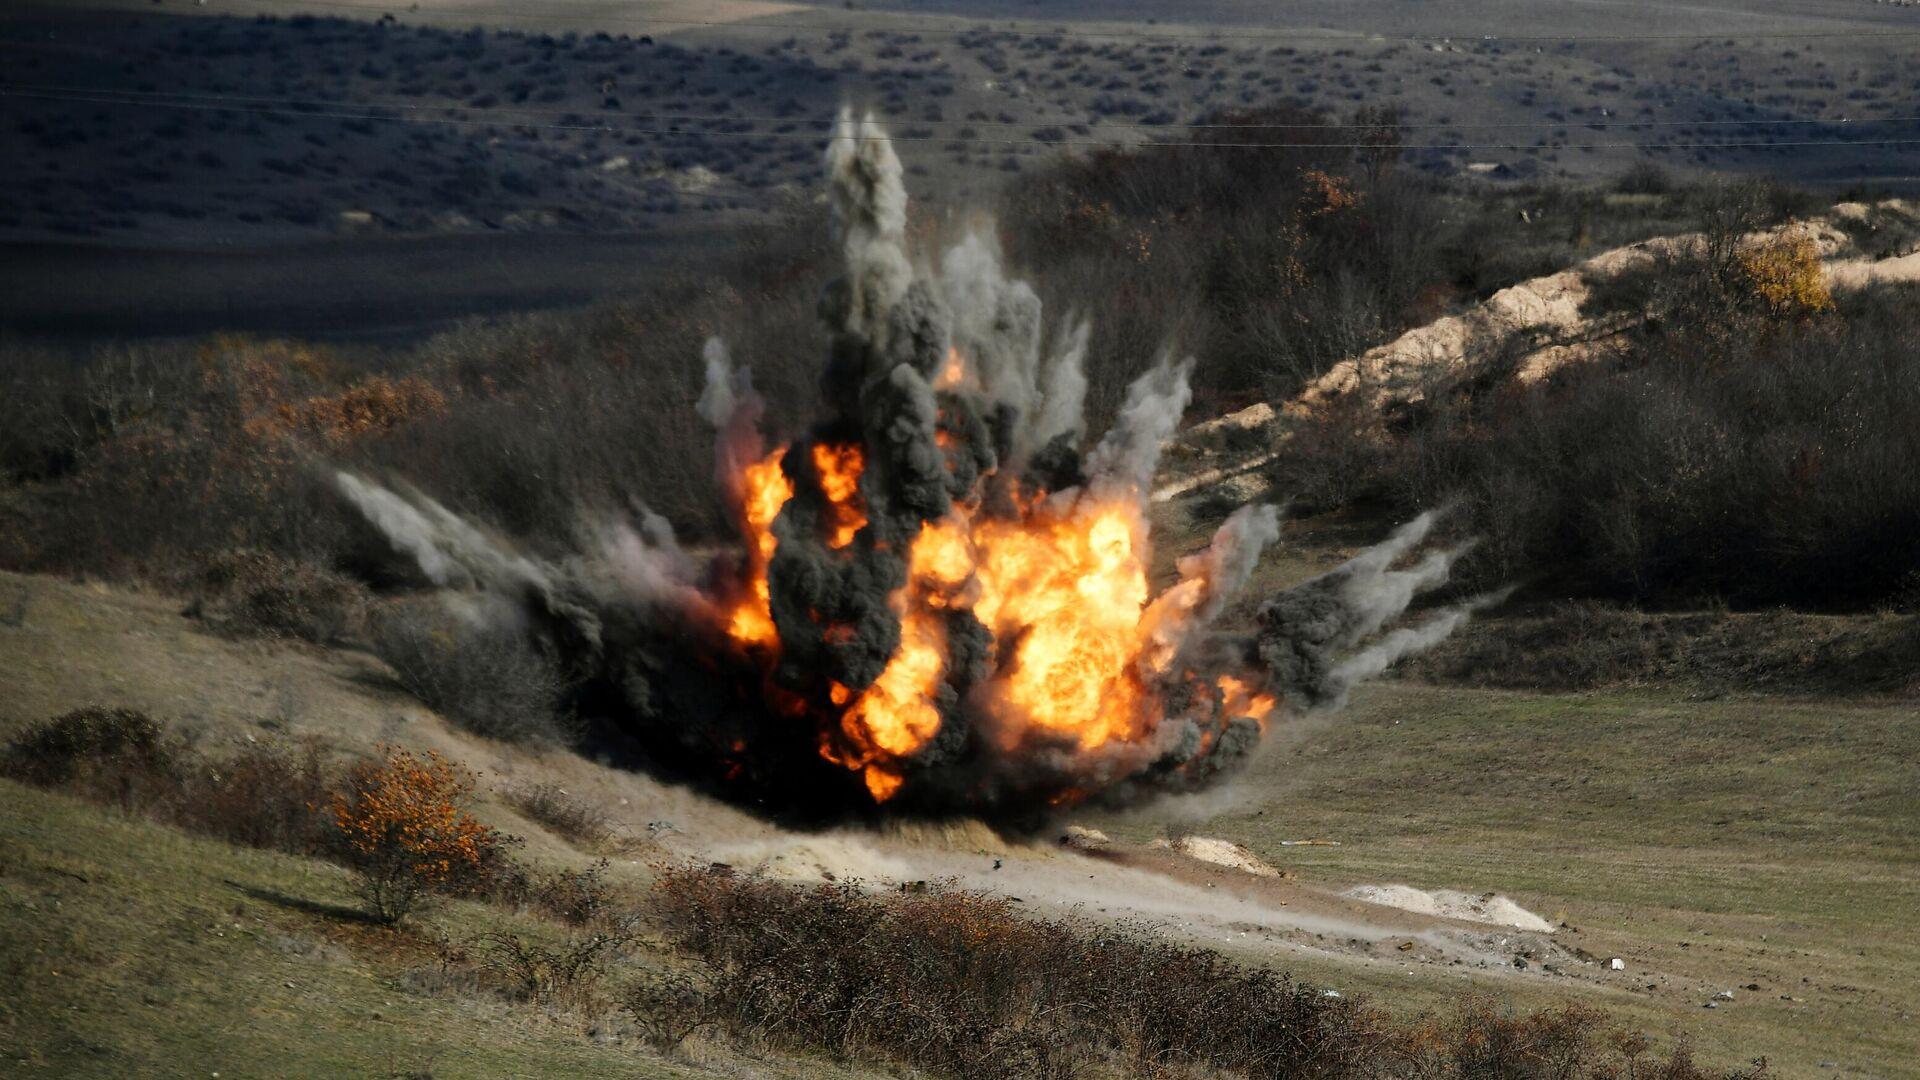 Подрыв боеприпасов, найденных во время разминирования местности в районах Нагорного Карабаха специалистами Международного противоминного центра Министерства обороны РФ - РИА Новости, 1920, 02.12.2020